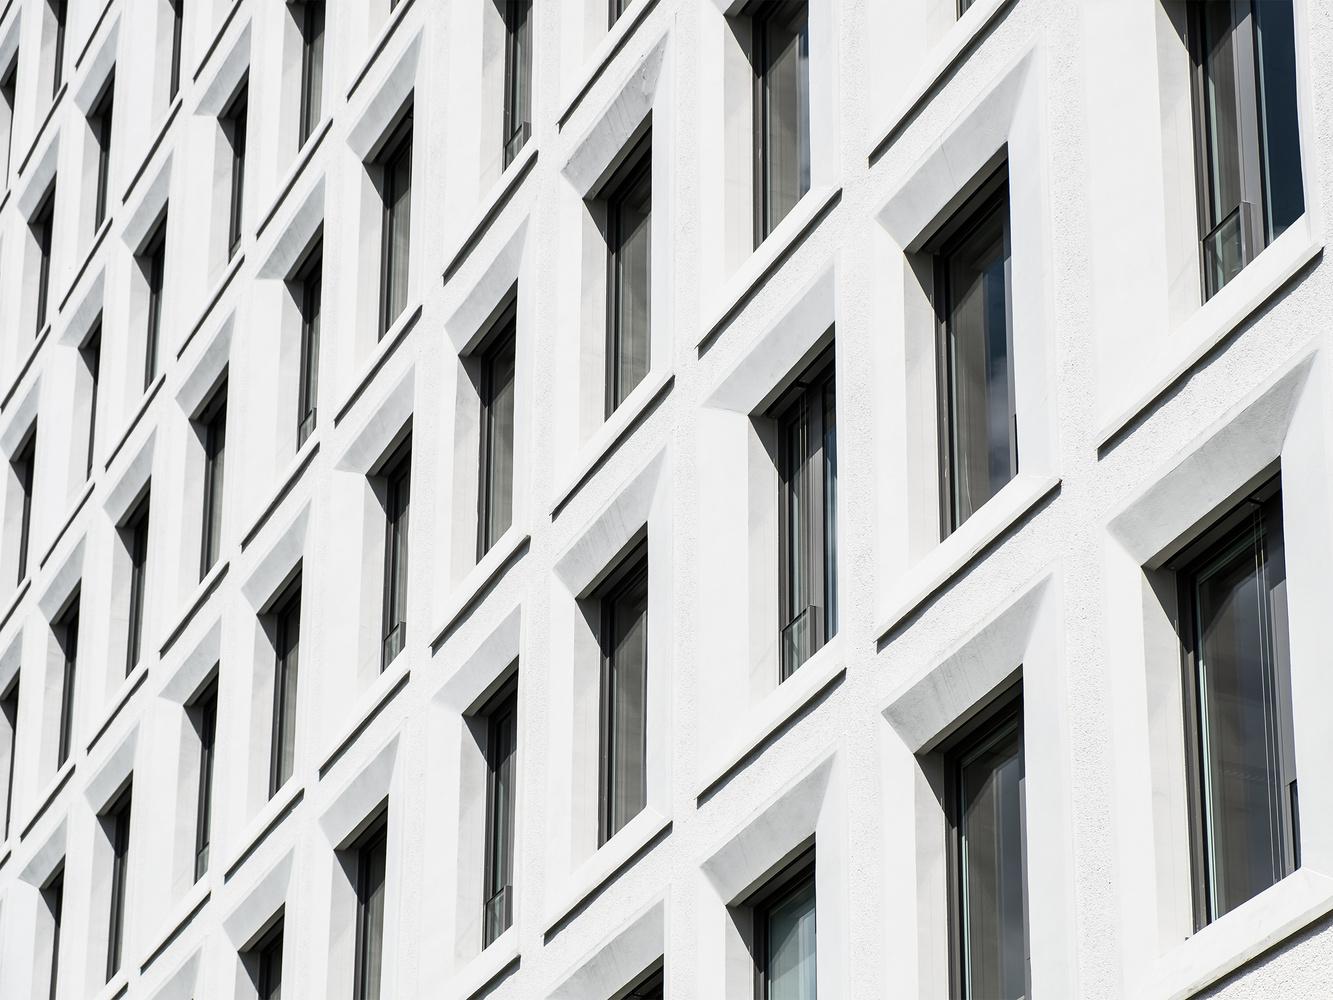 Window pattern by Marc Perino